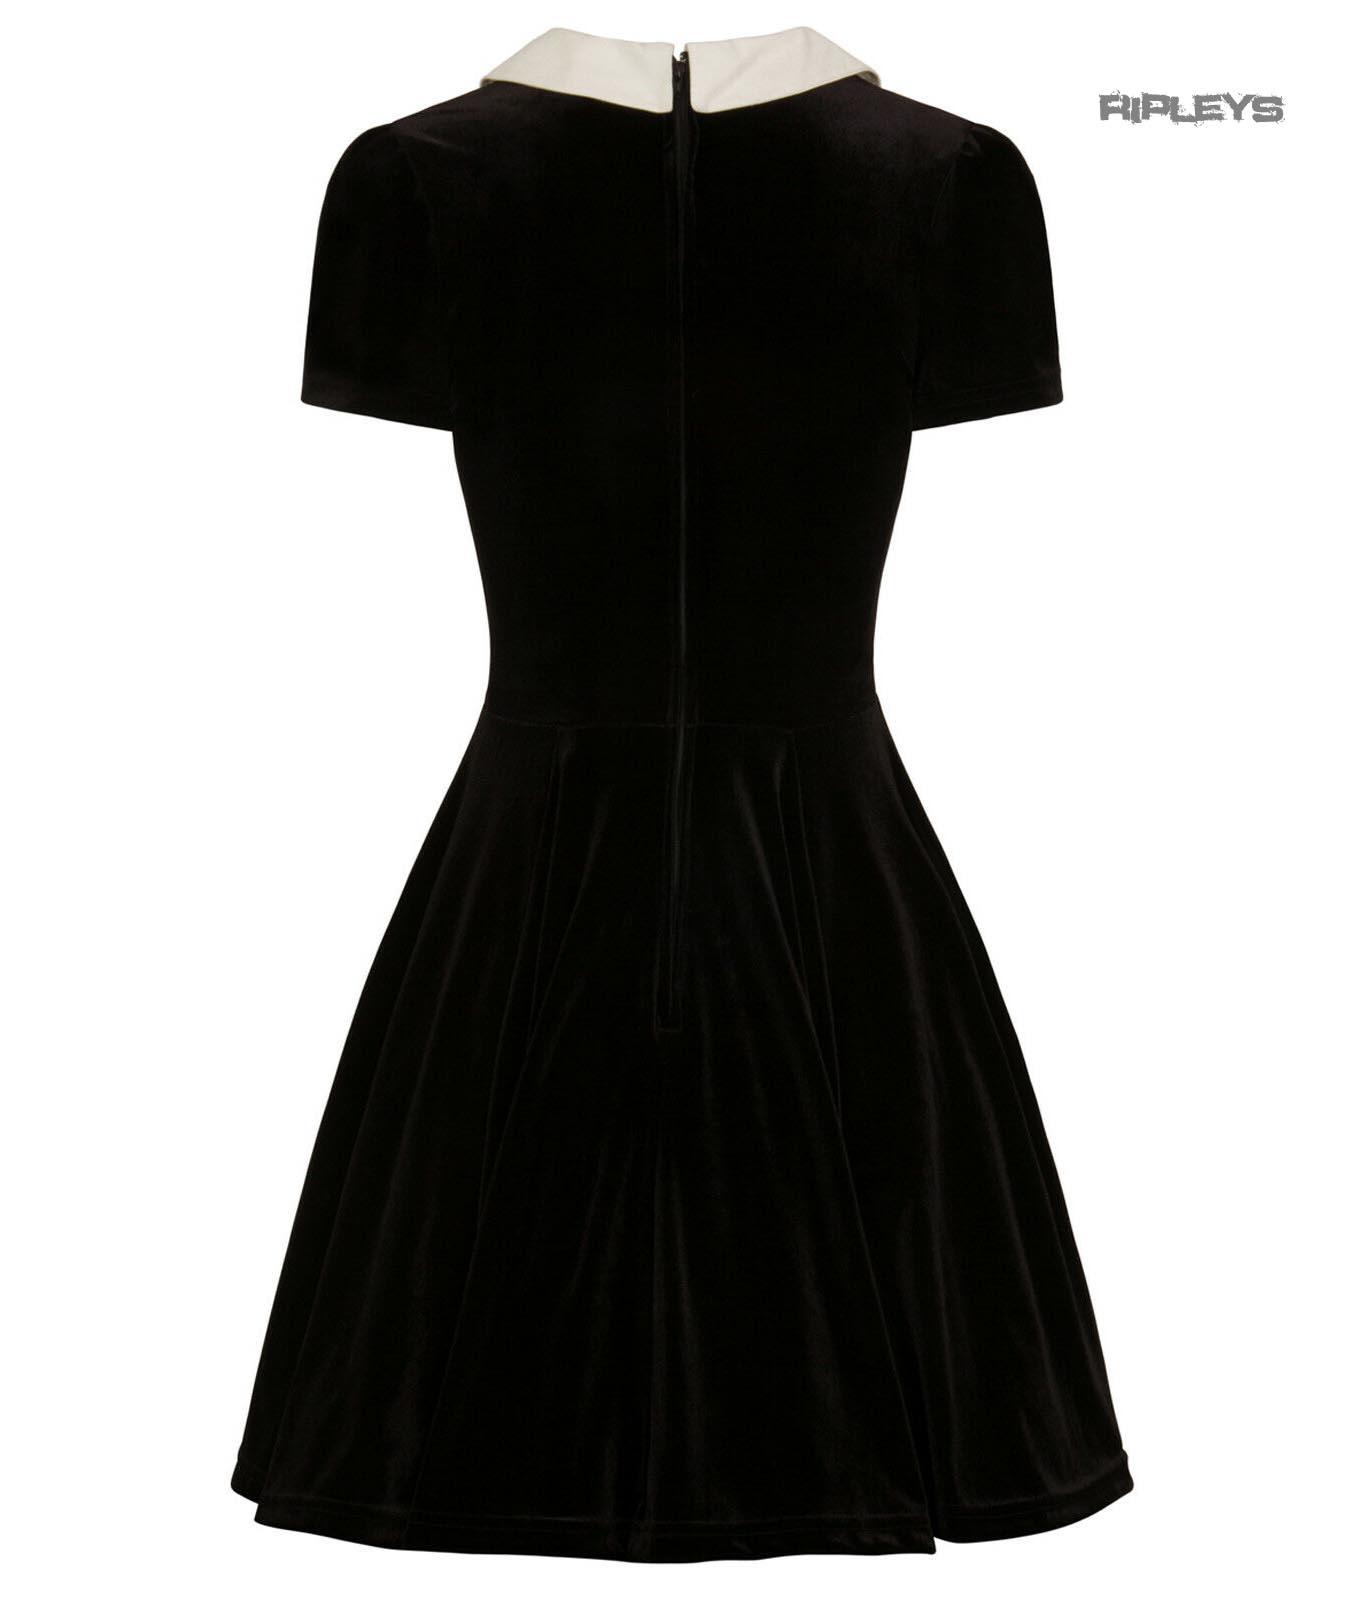 Hell-Bunny-Goth-Mini-Skater-Dress-NIGHTSHADE-Poison-Cherry-Black-Velvet-All-Size thumbnail 4